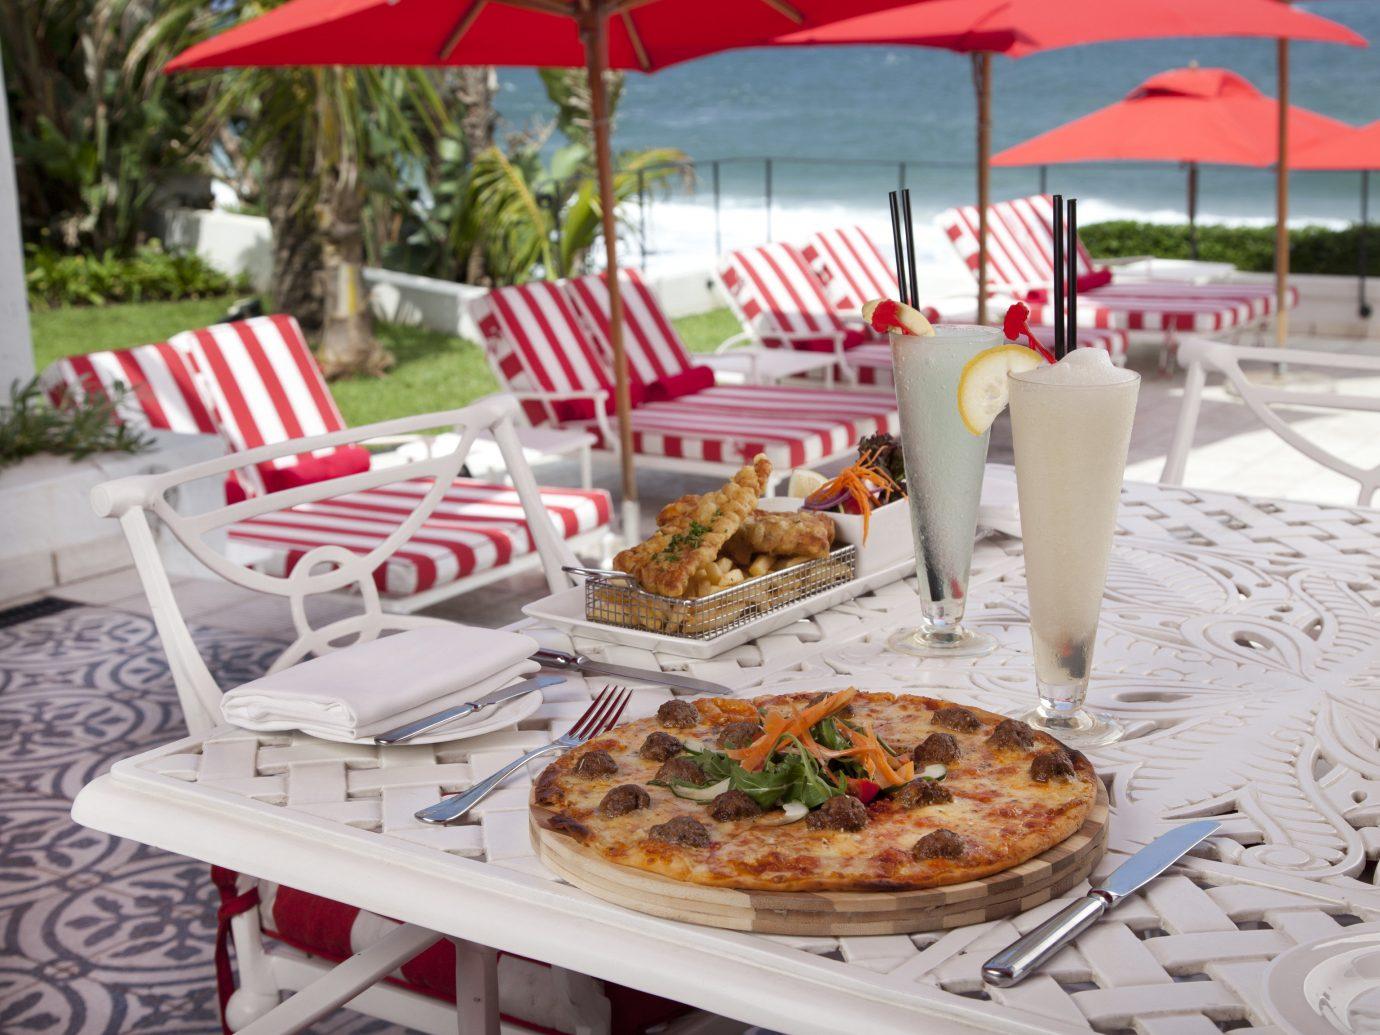 Hotels outdoor meal food restaurant brunch buffet